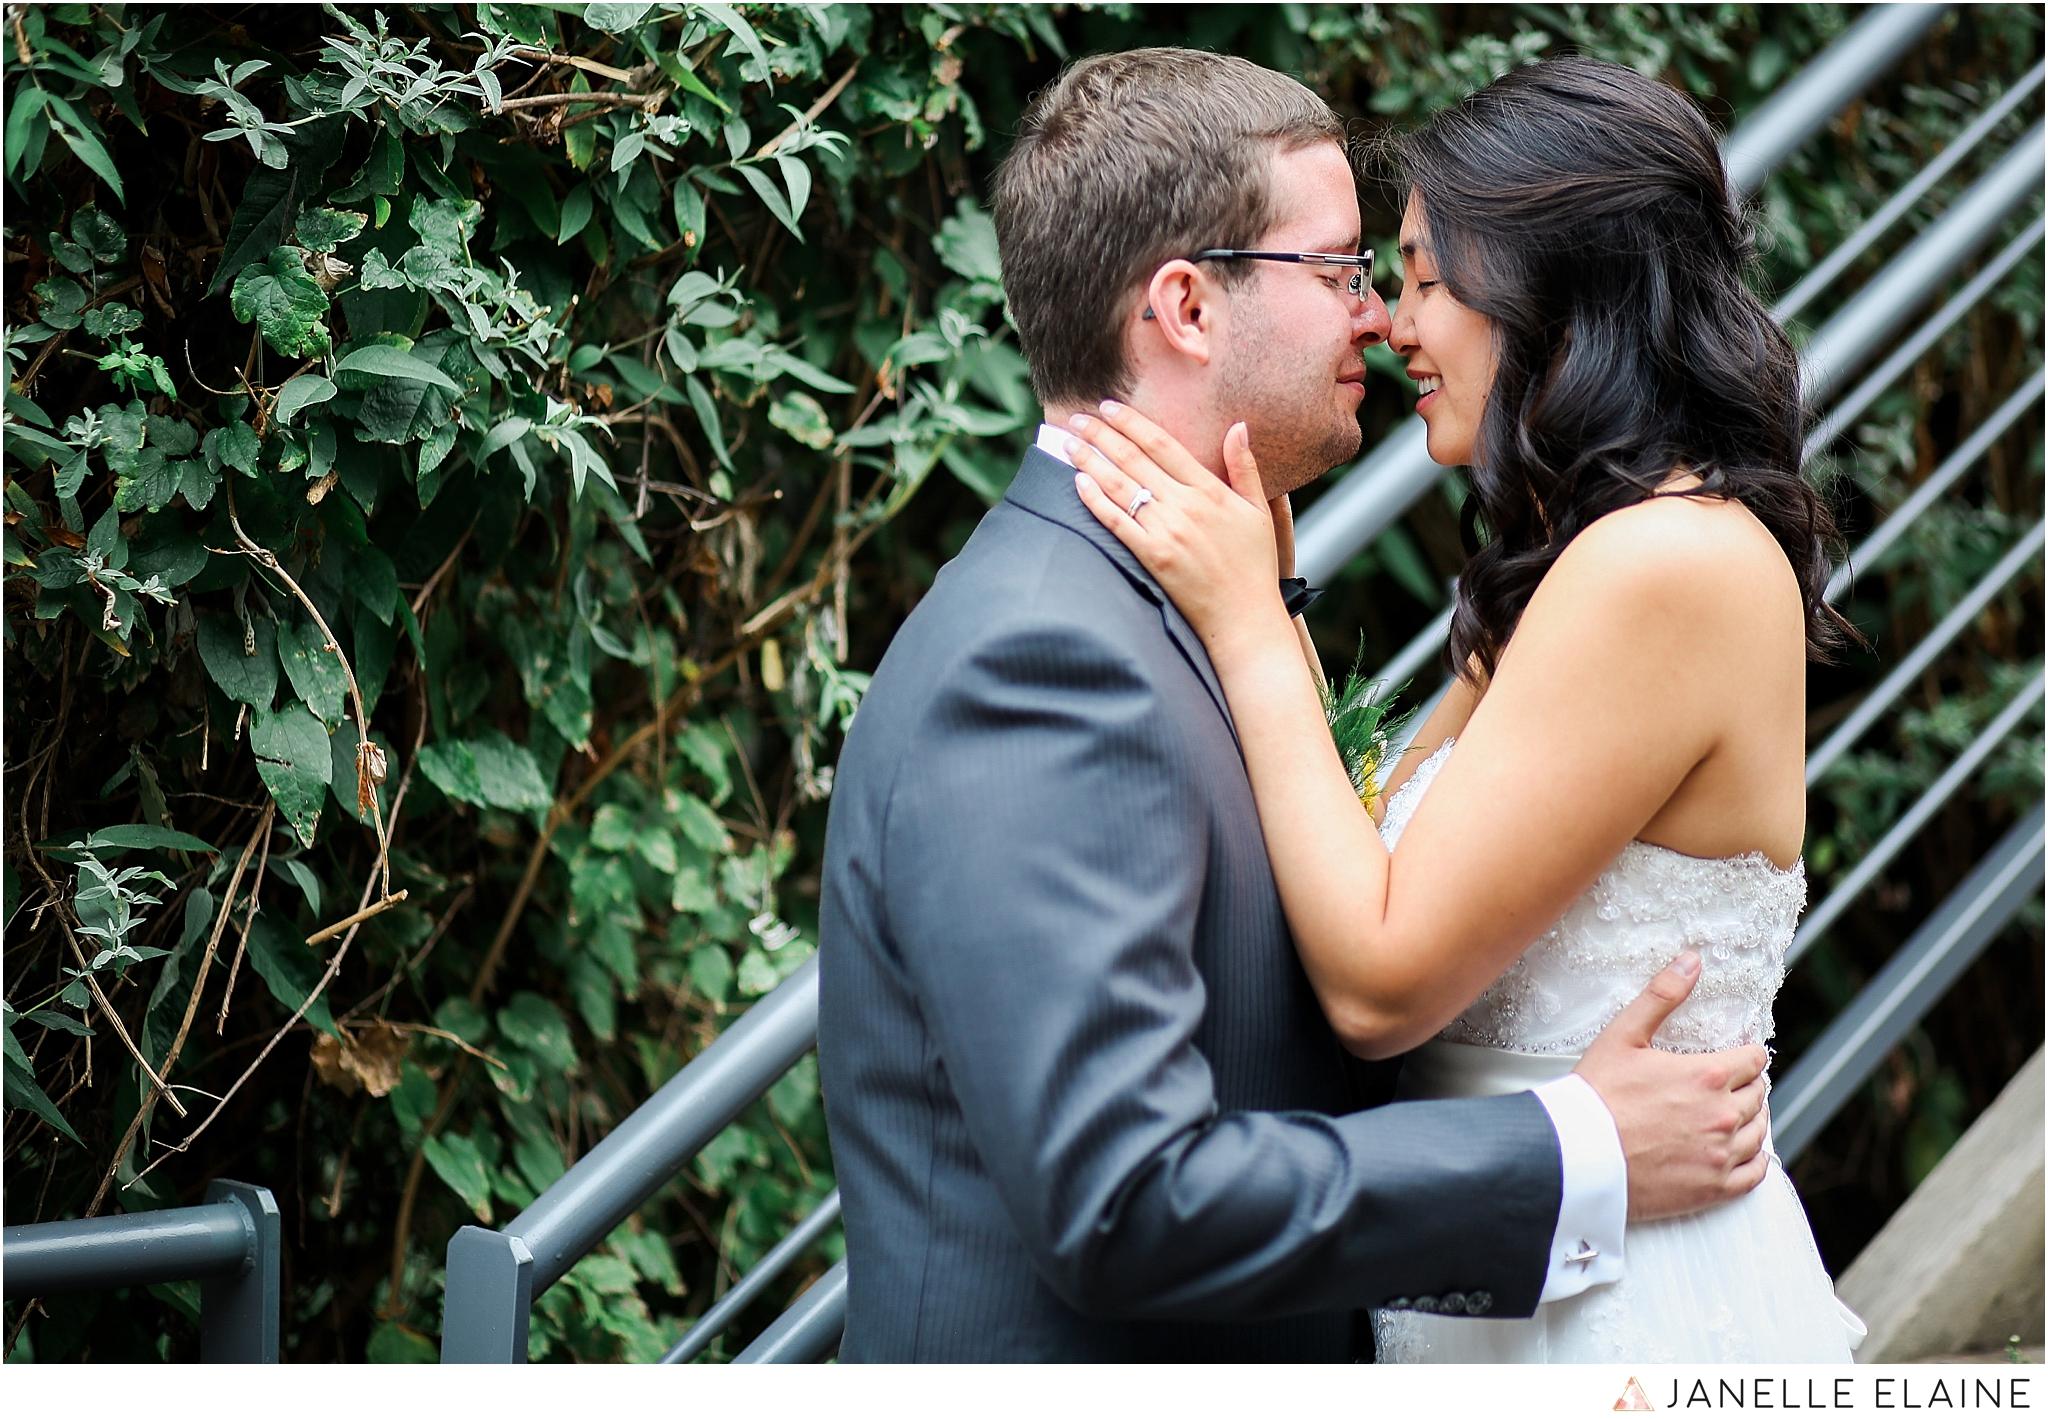 janelle elaine photography-professional wedding photographer seattle--88.jpg